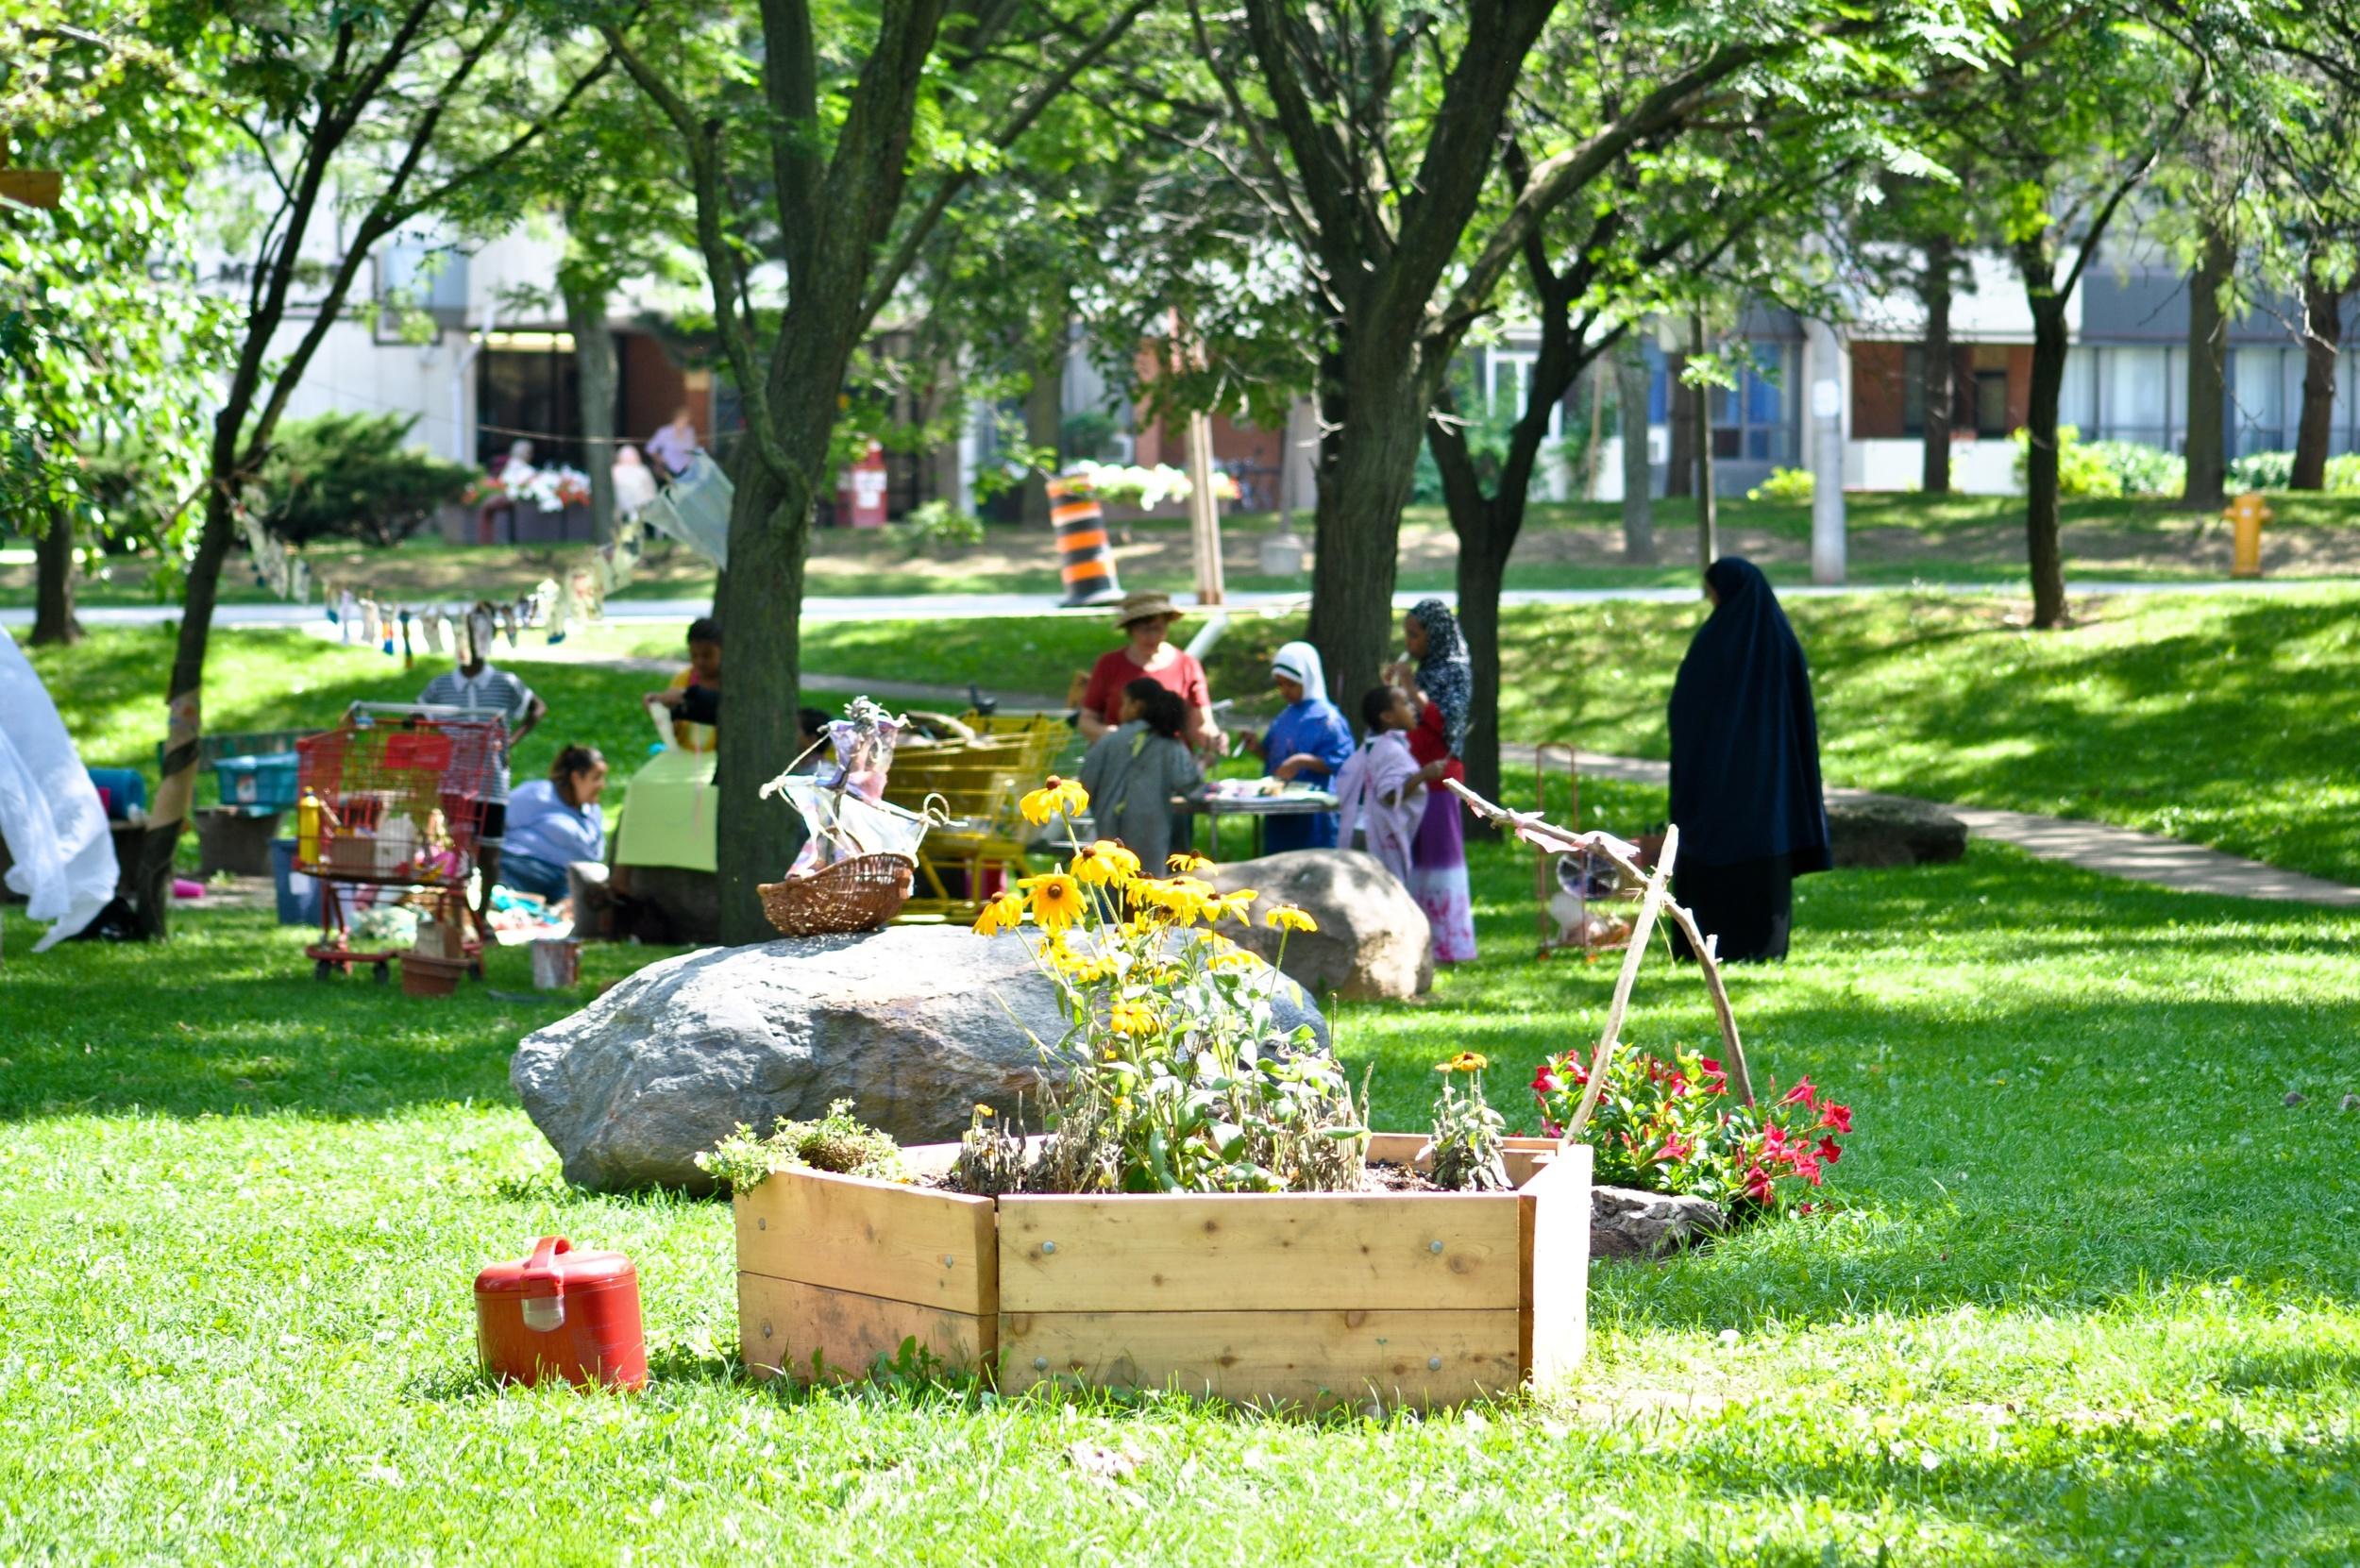 LG_09_nice park shot.jpg